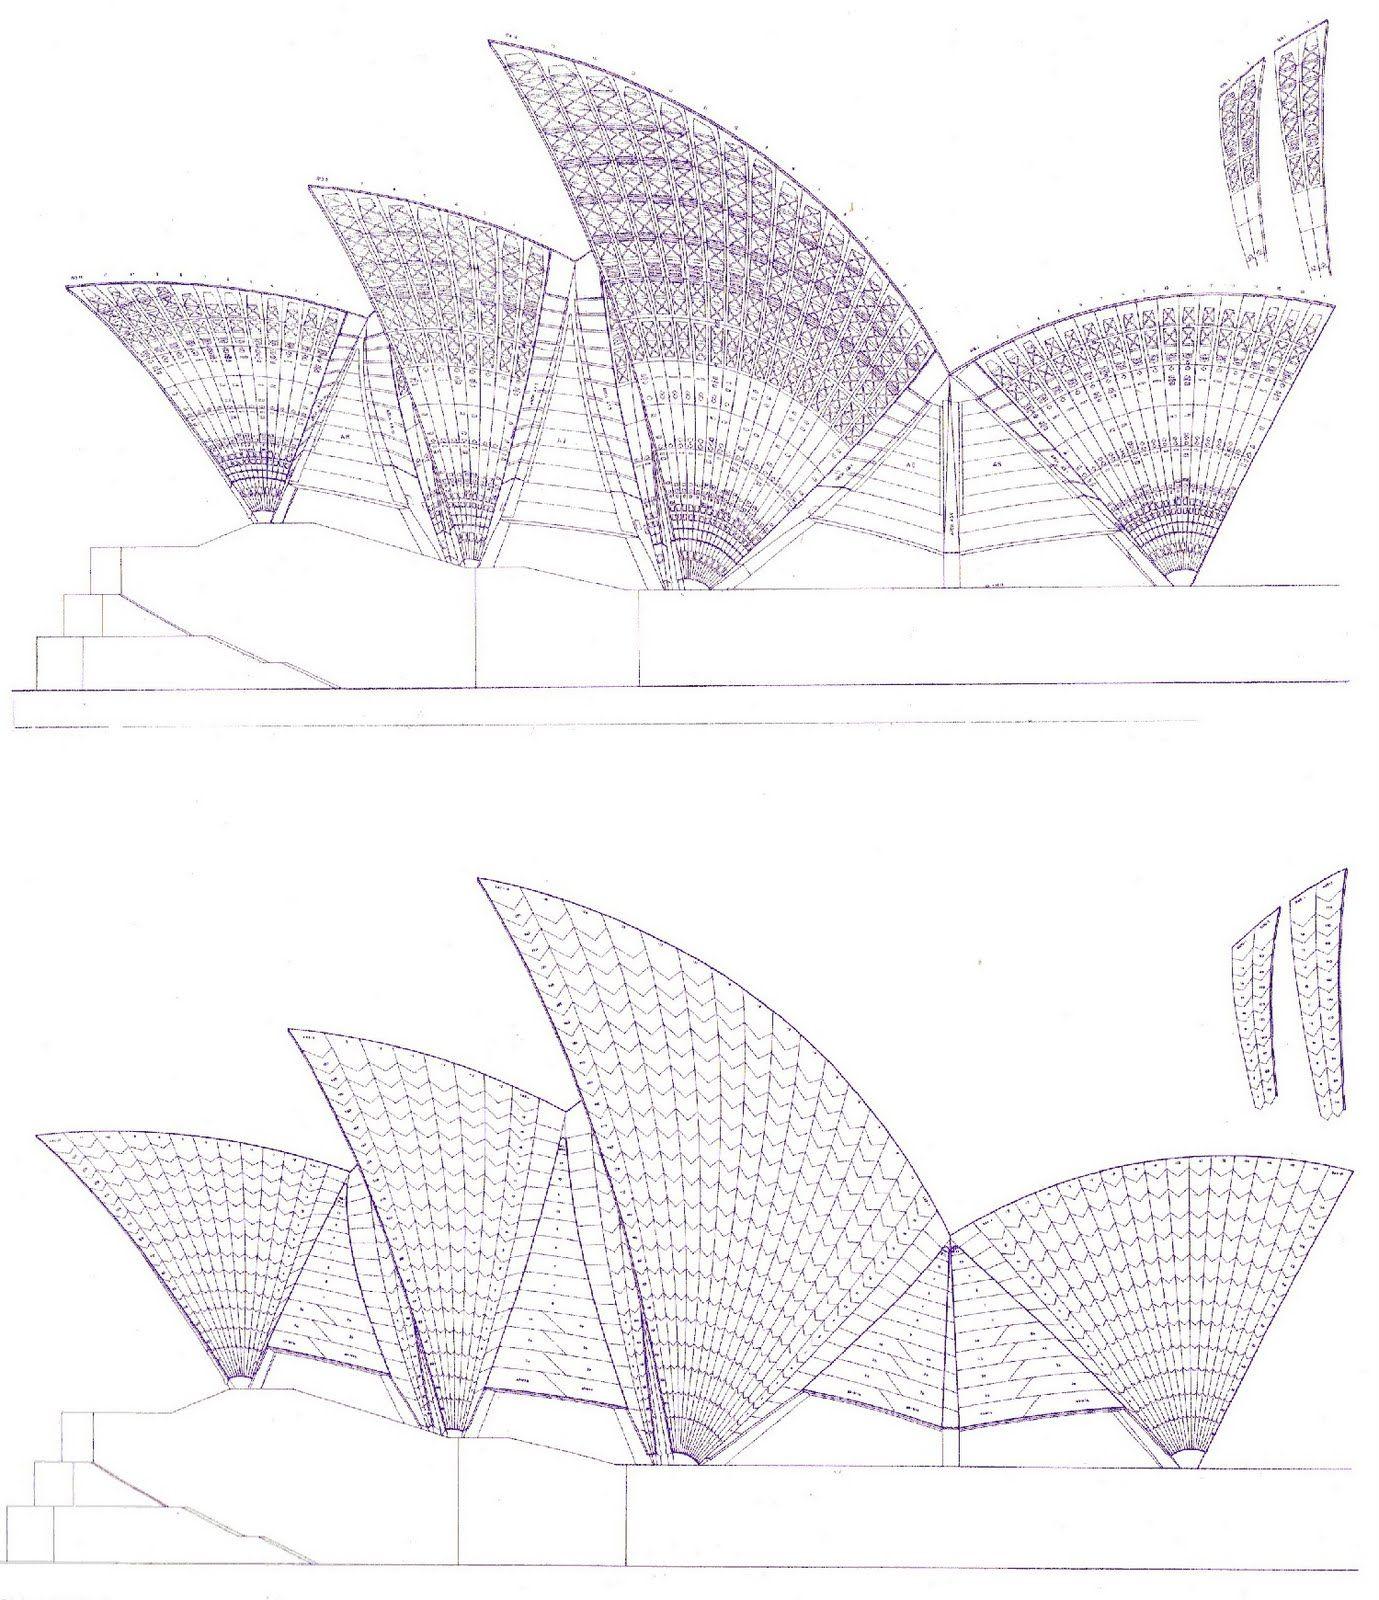 Des Plans De L Opera De Sydney